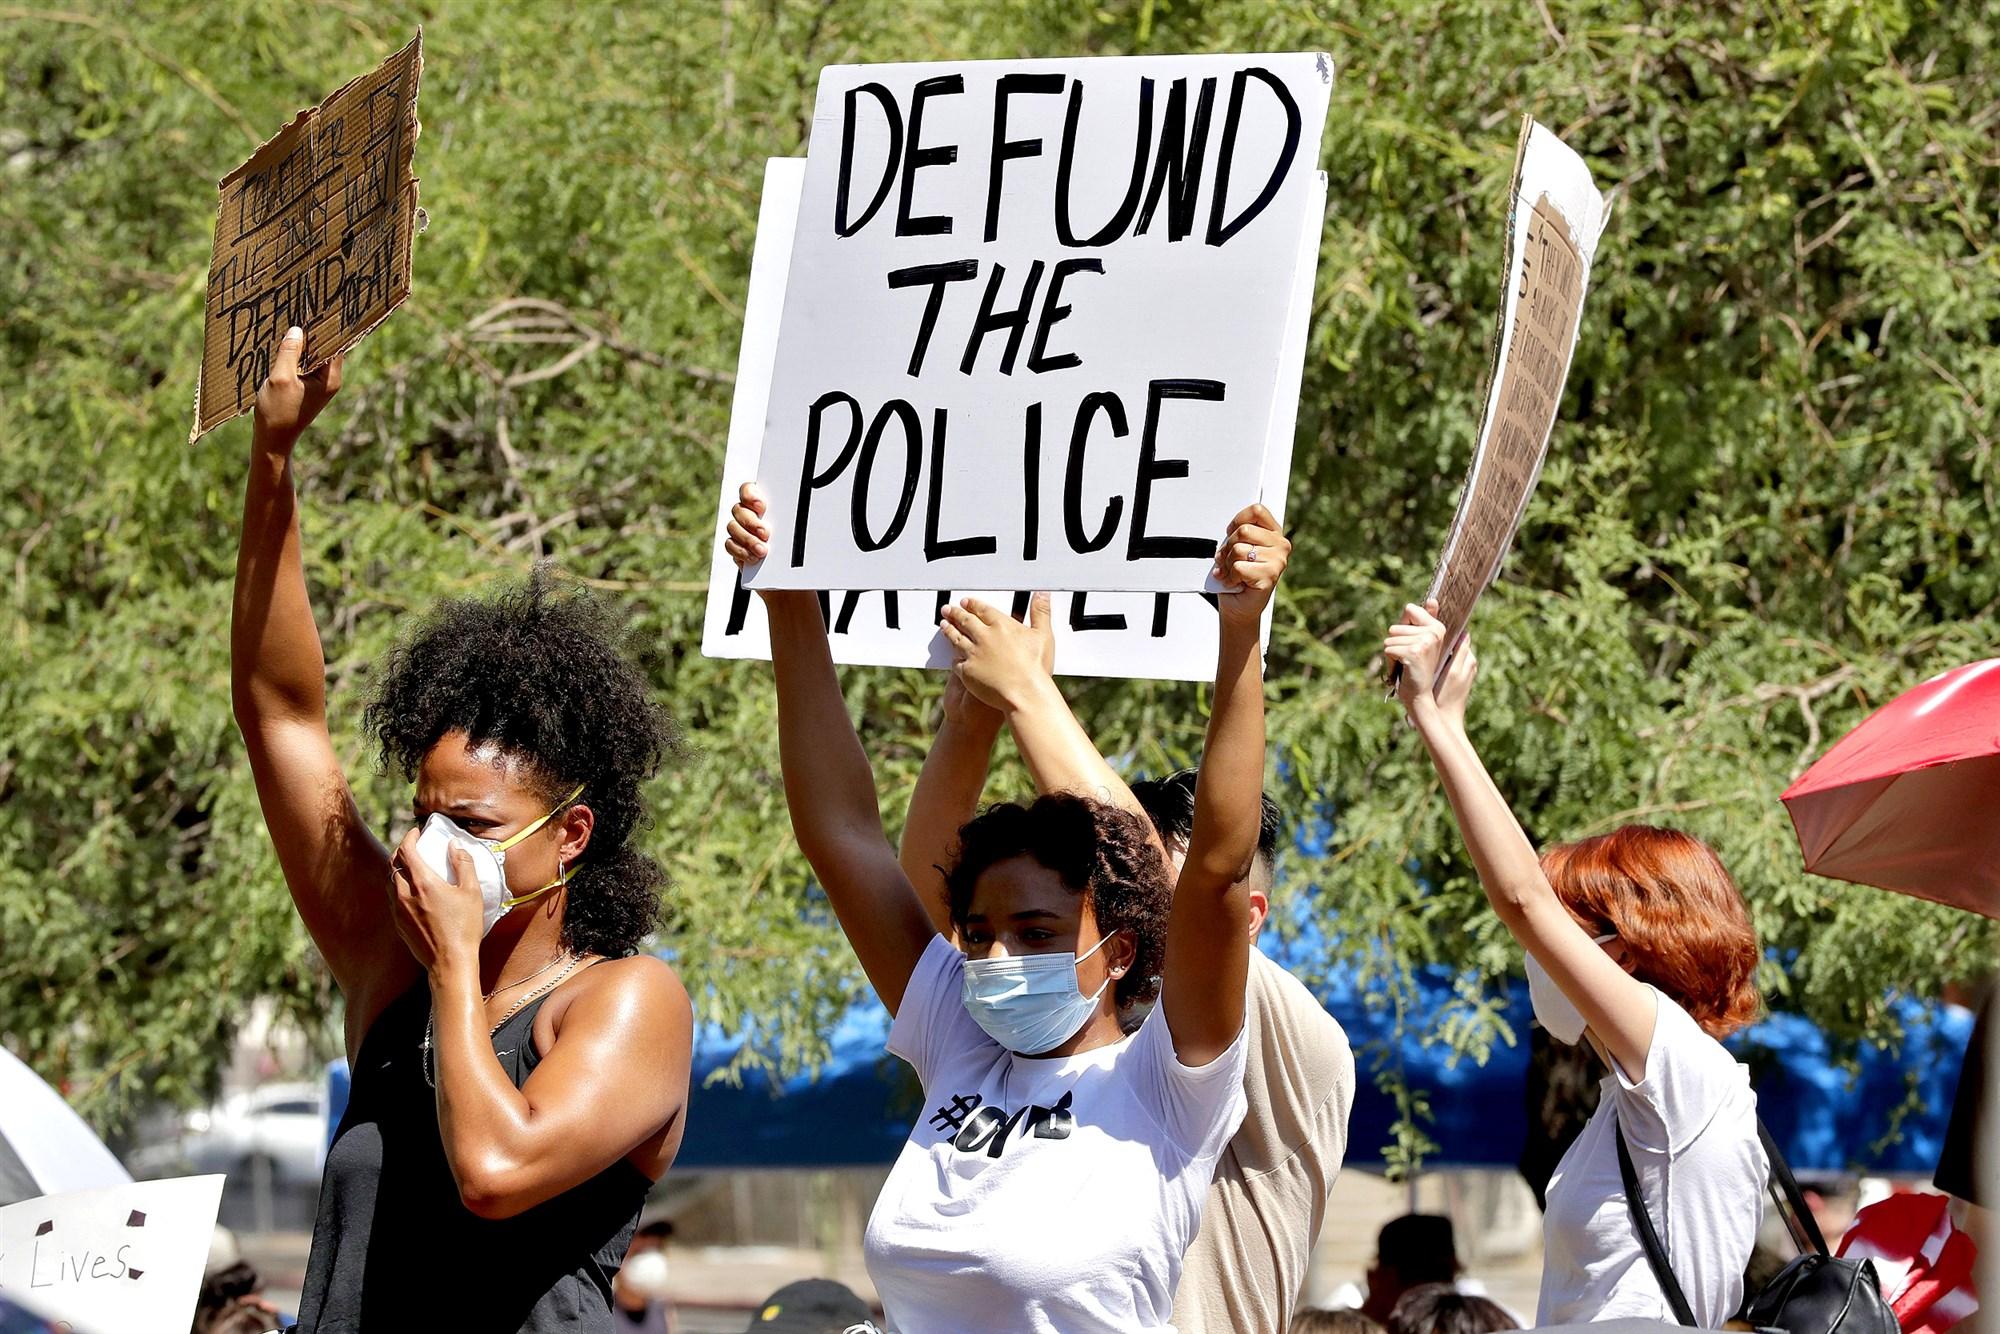 200608-defund-the-police-protest-sign-ew-358p_979b1663e9427a13dda009acd513209d.fit-2000w.jpg